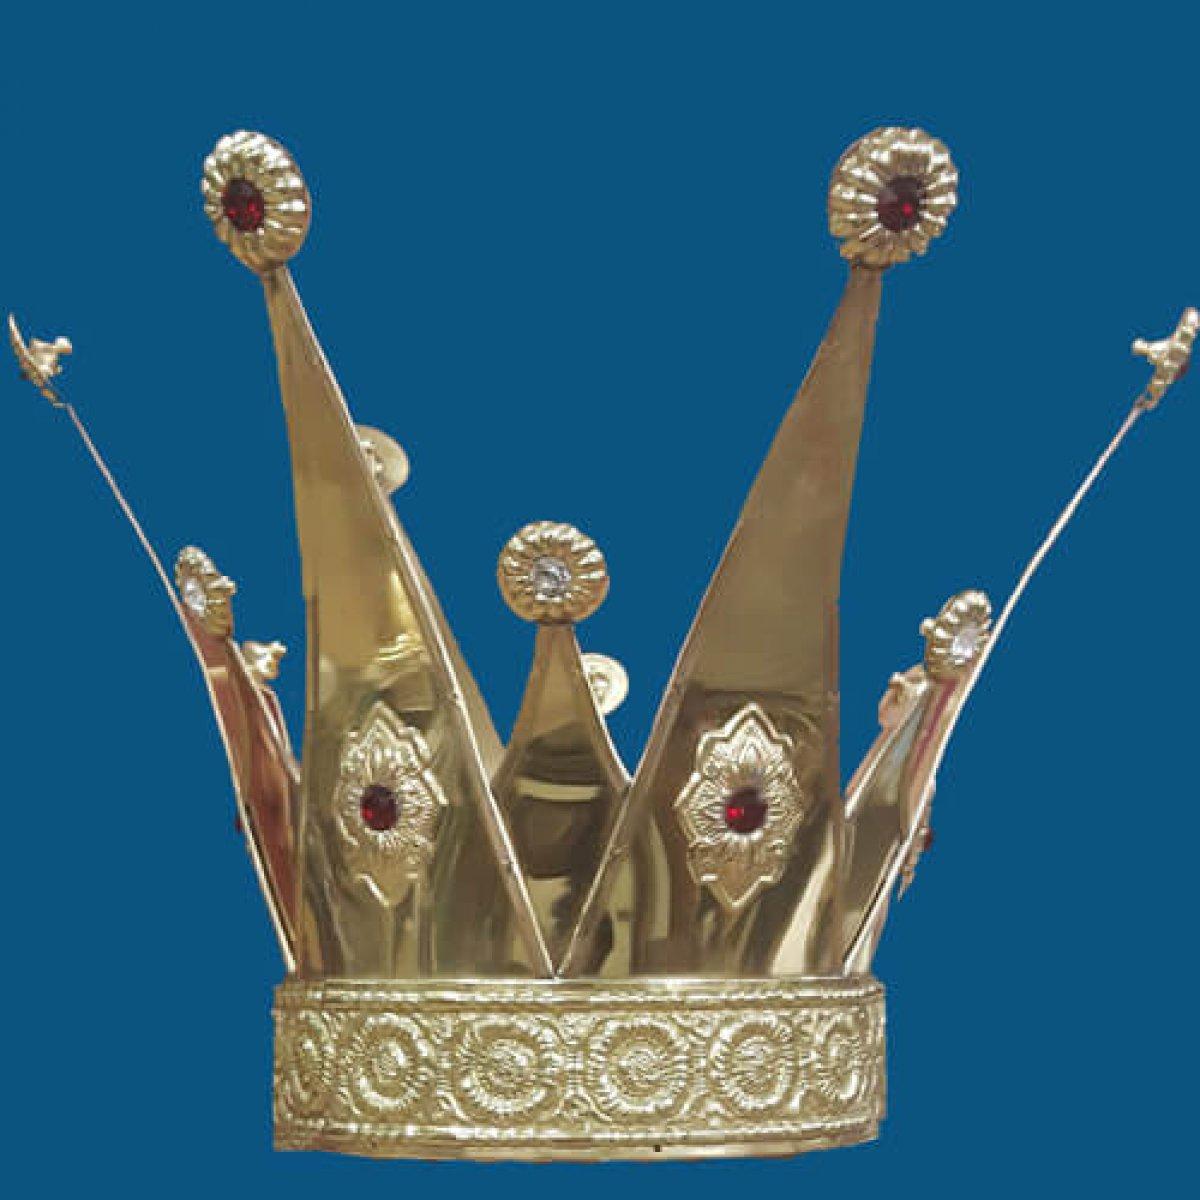 Corona Reyes